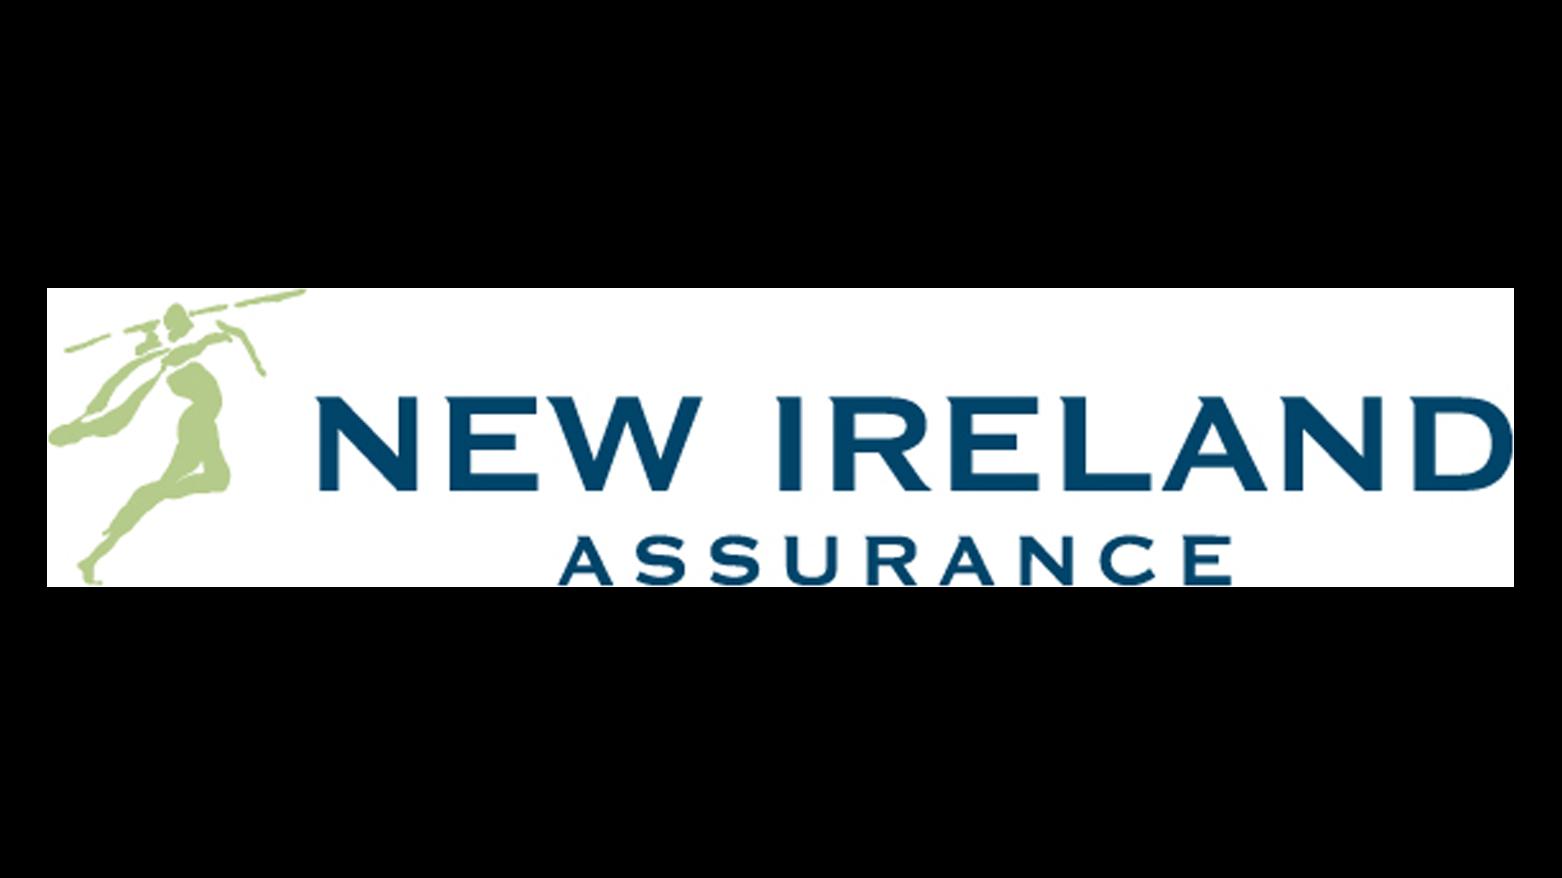 New Ireland Assurance  Dublin, Ireland Financial Planning Matters